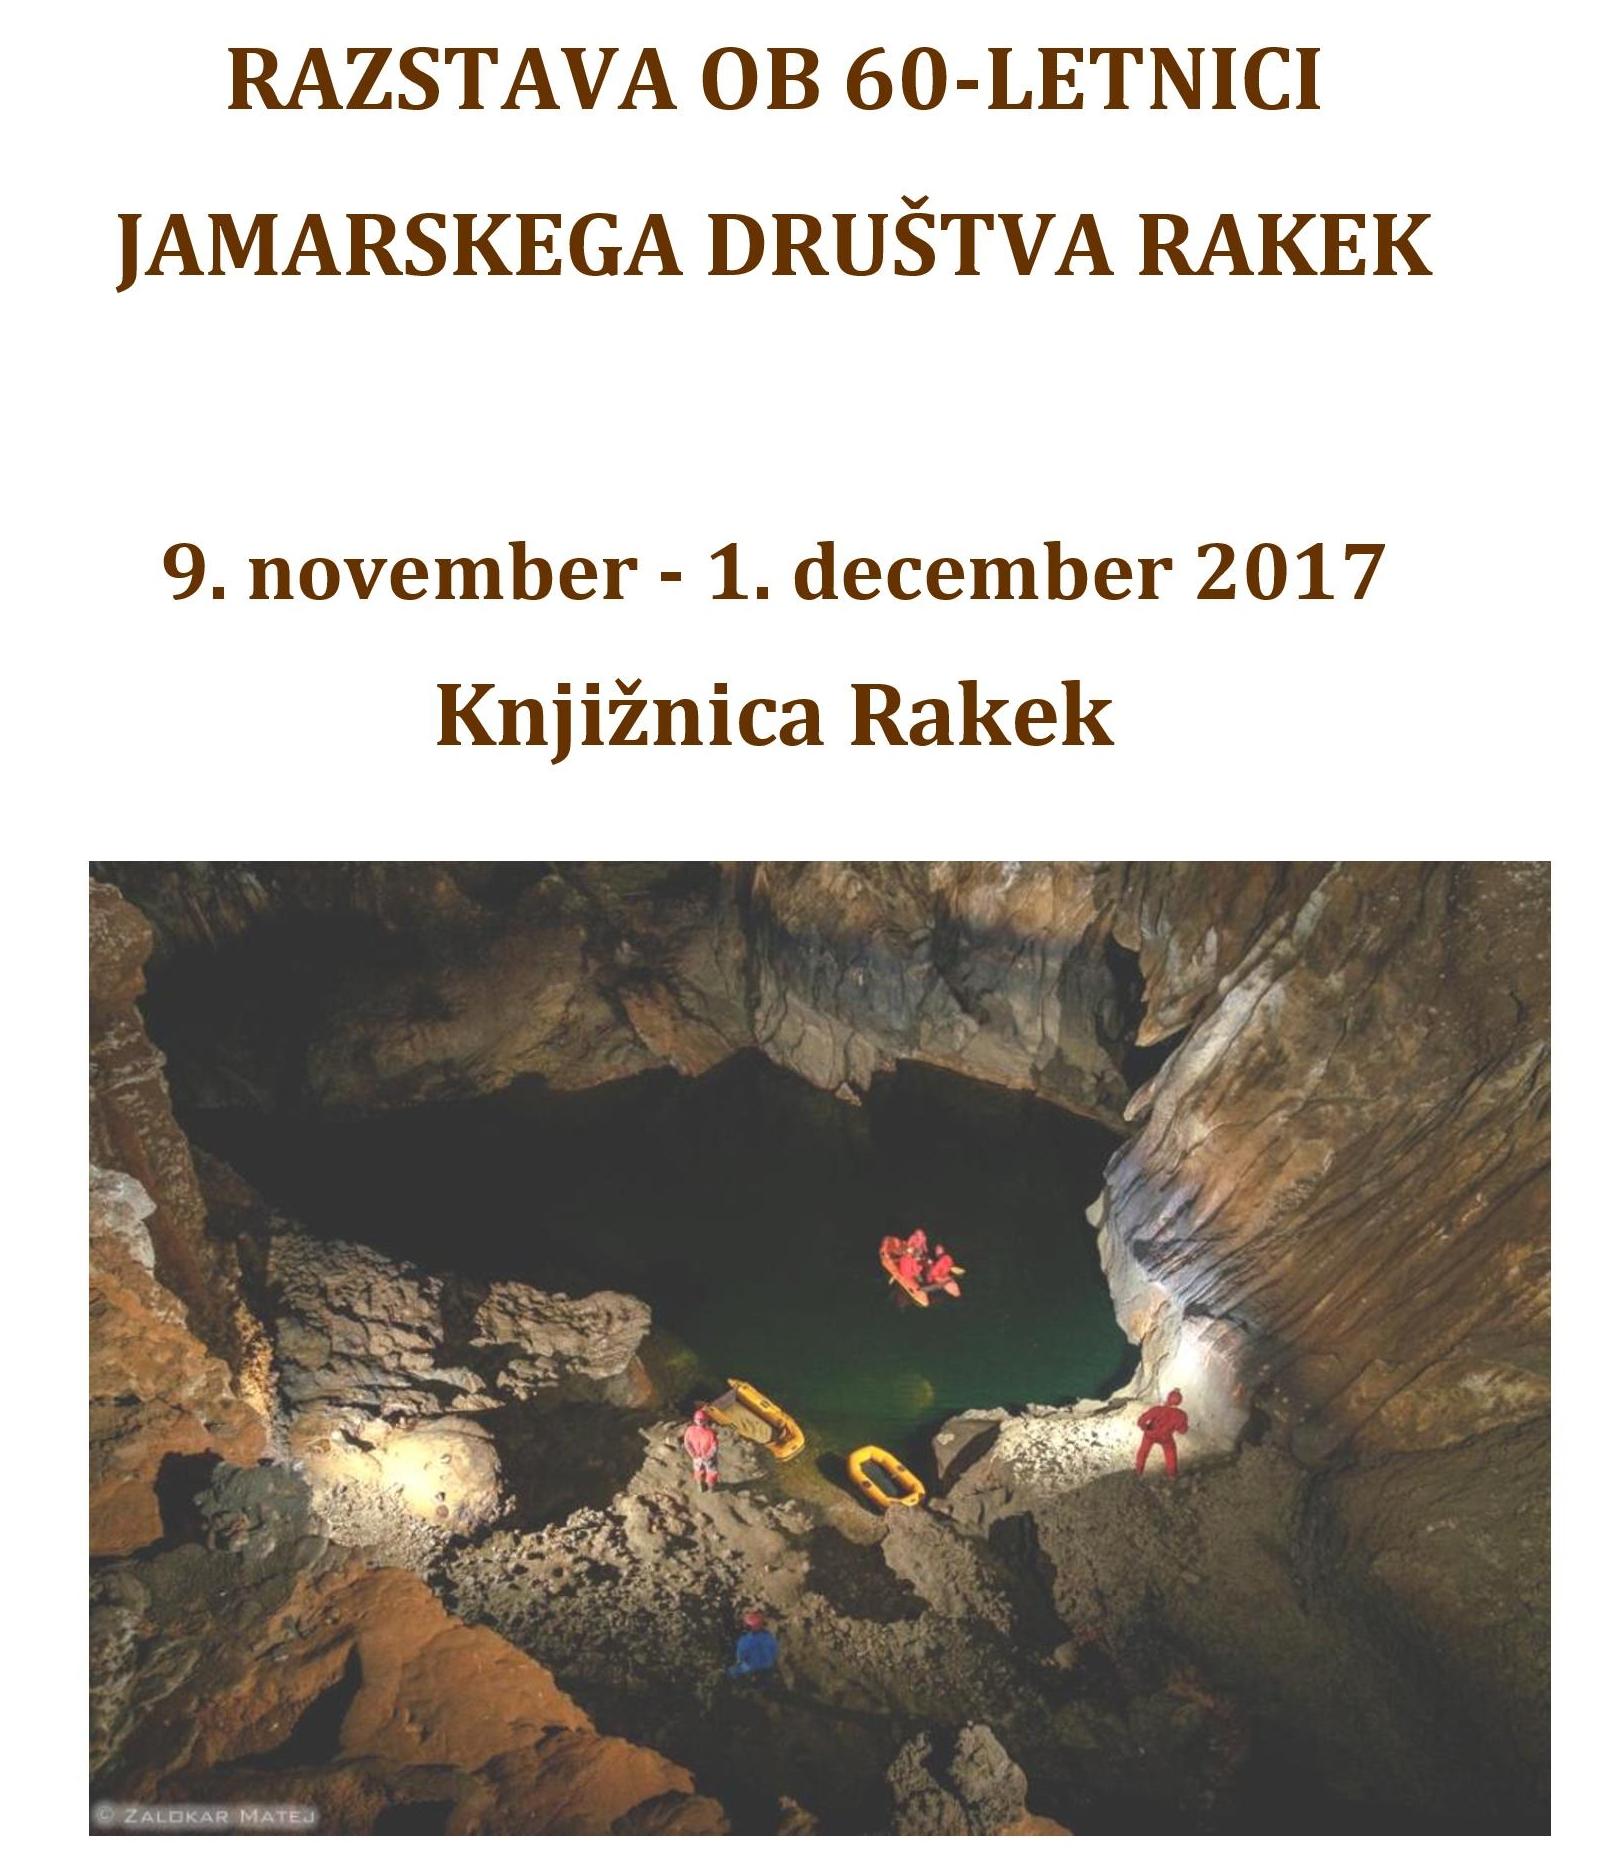 cover 4 - Razstava ob 60-letnici Jamarskega društva Rakek